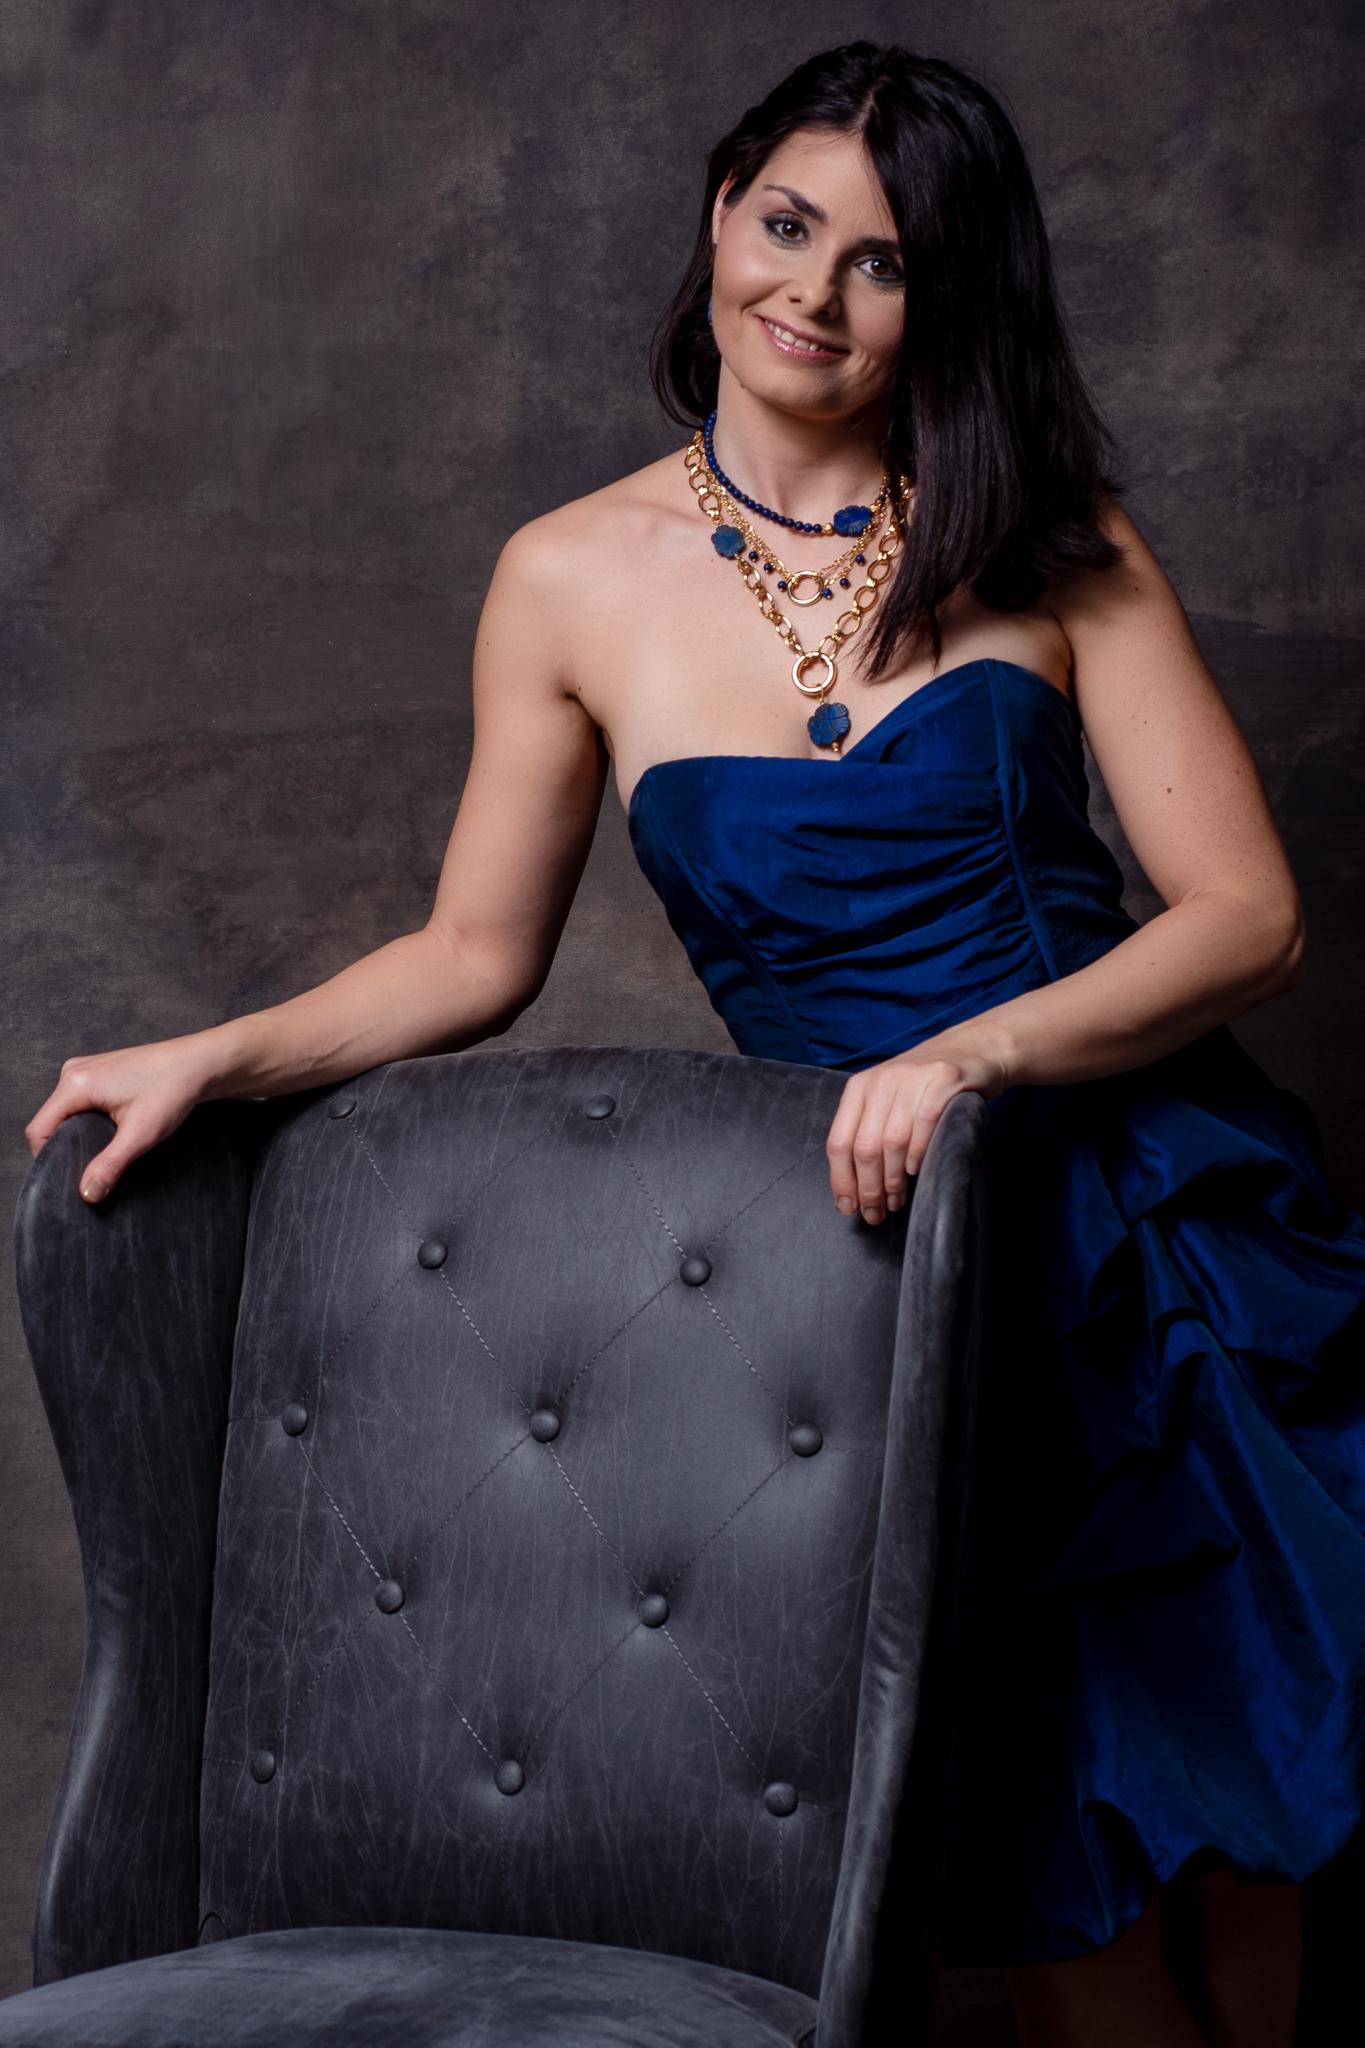 kék virágos szett lápis lazulikkal egy női modellen távoli